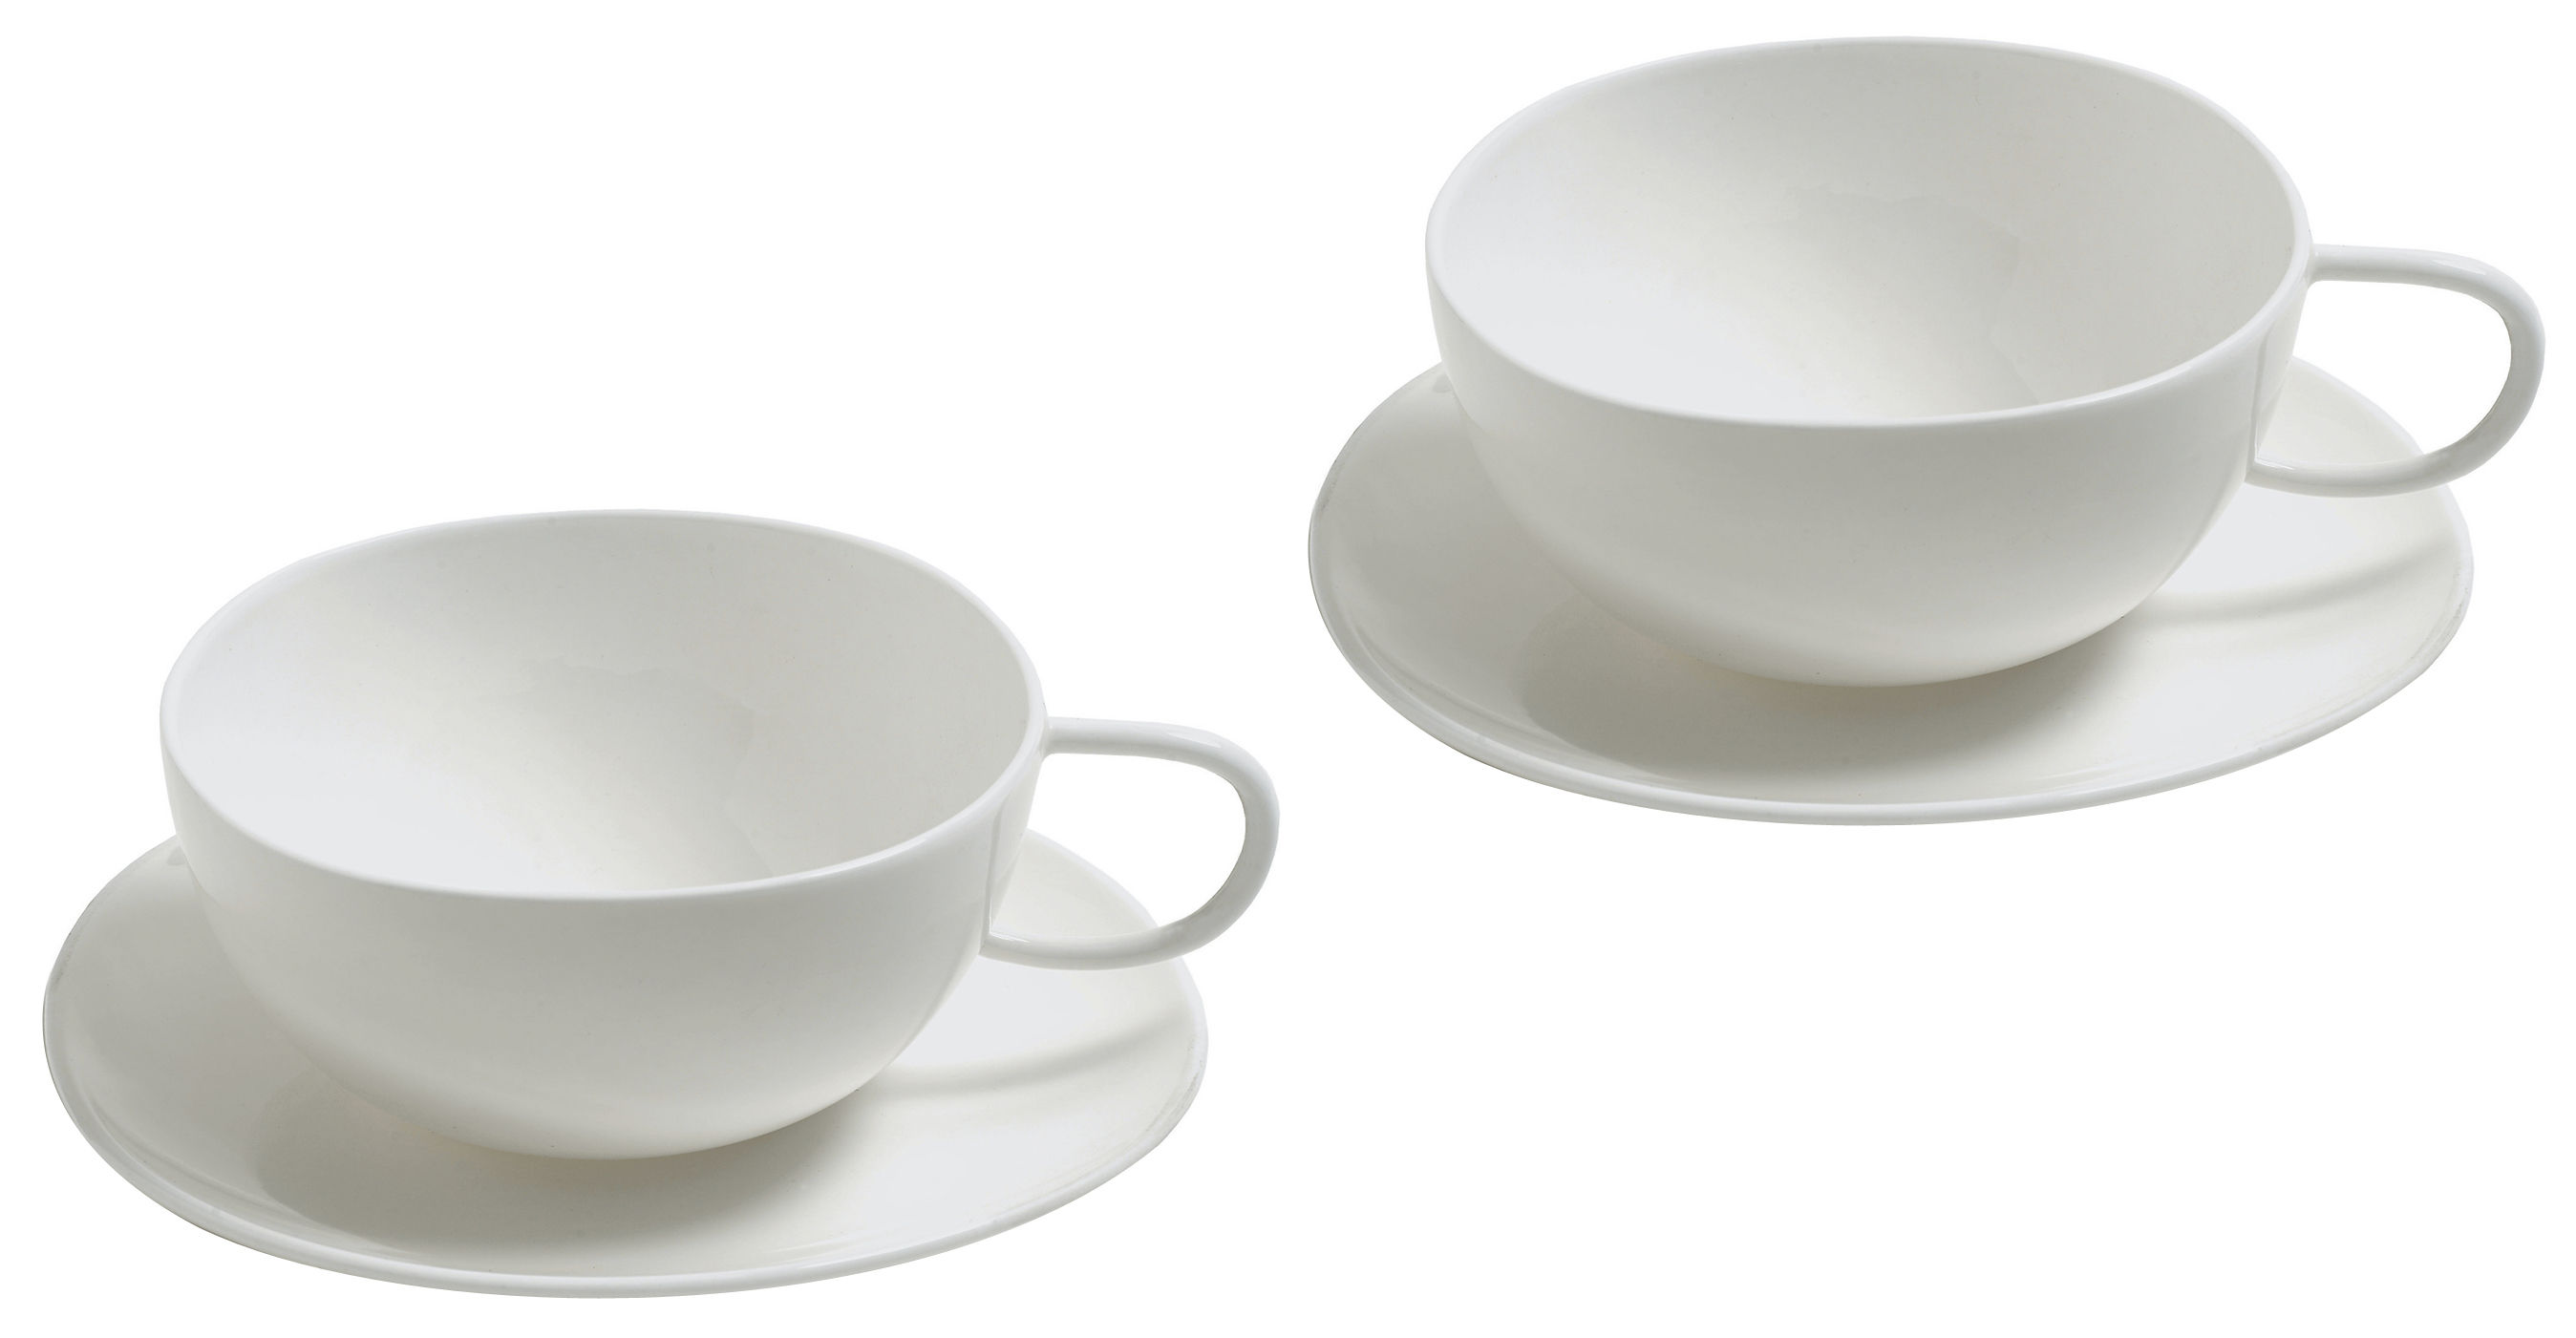 Tischkultur - Tassen und Becher - Fruit basket Teetasse 2 Tassen mit 2 Untertassen - Alessi - Weiß - chinesisches Weich-Porzellan